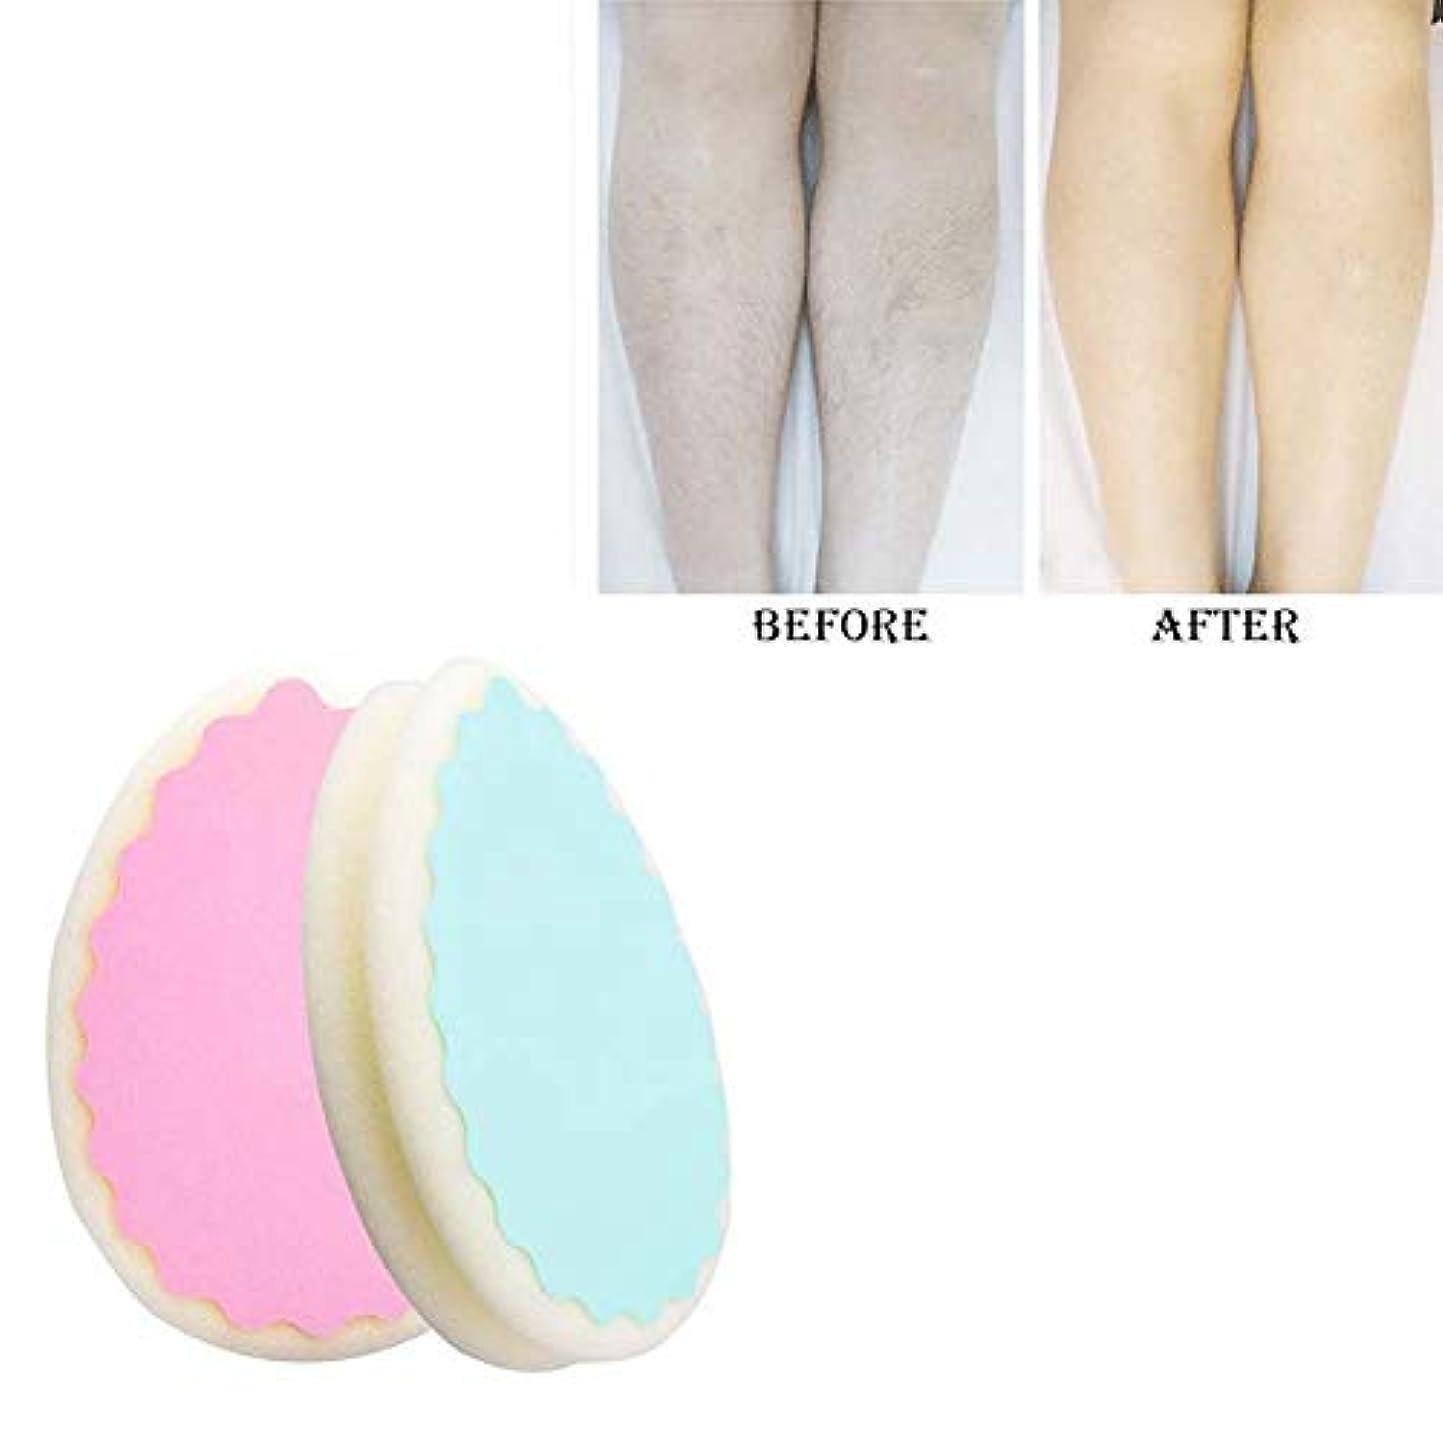 適用するブラウザバクテリアヘアーリムーバー無痛脱毛スポンジ、両方の男性と女性は脚腕の毛リムーバー効果的な、5PCSを使用して削除することができます